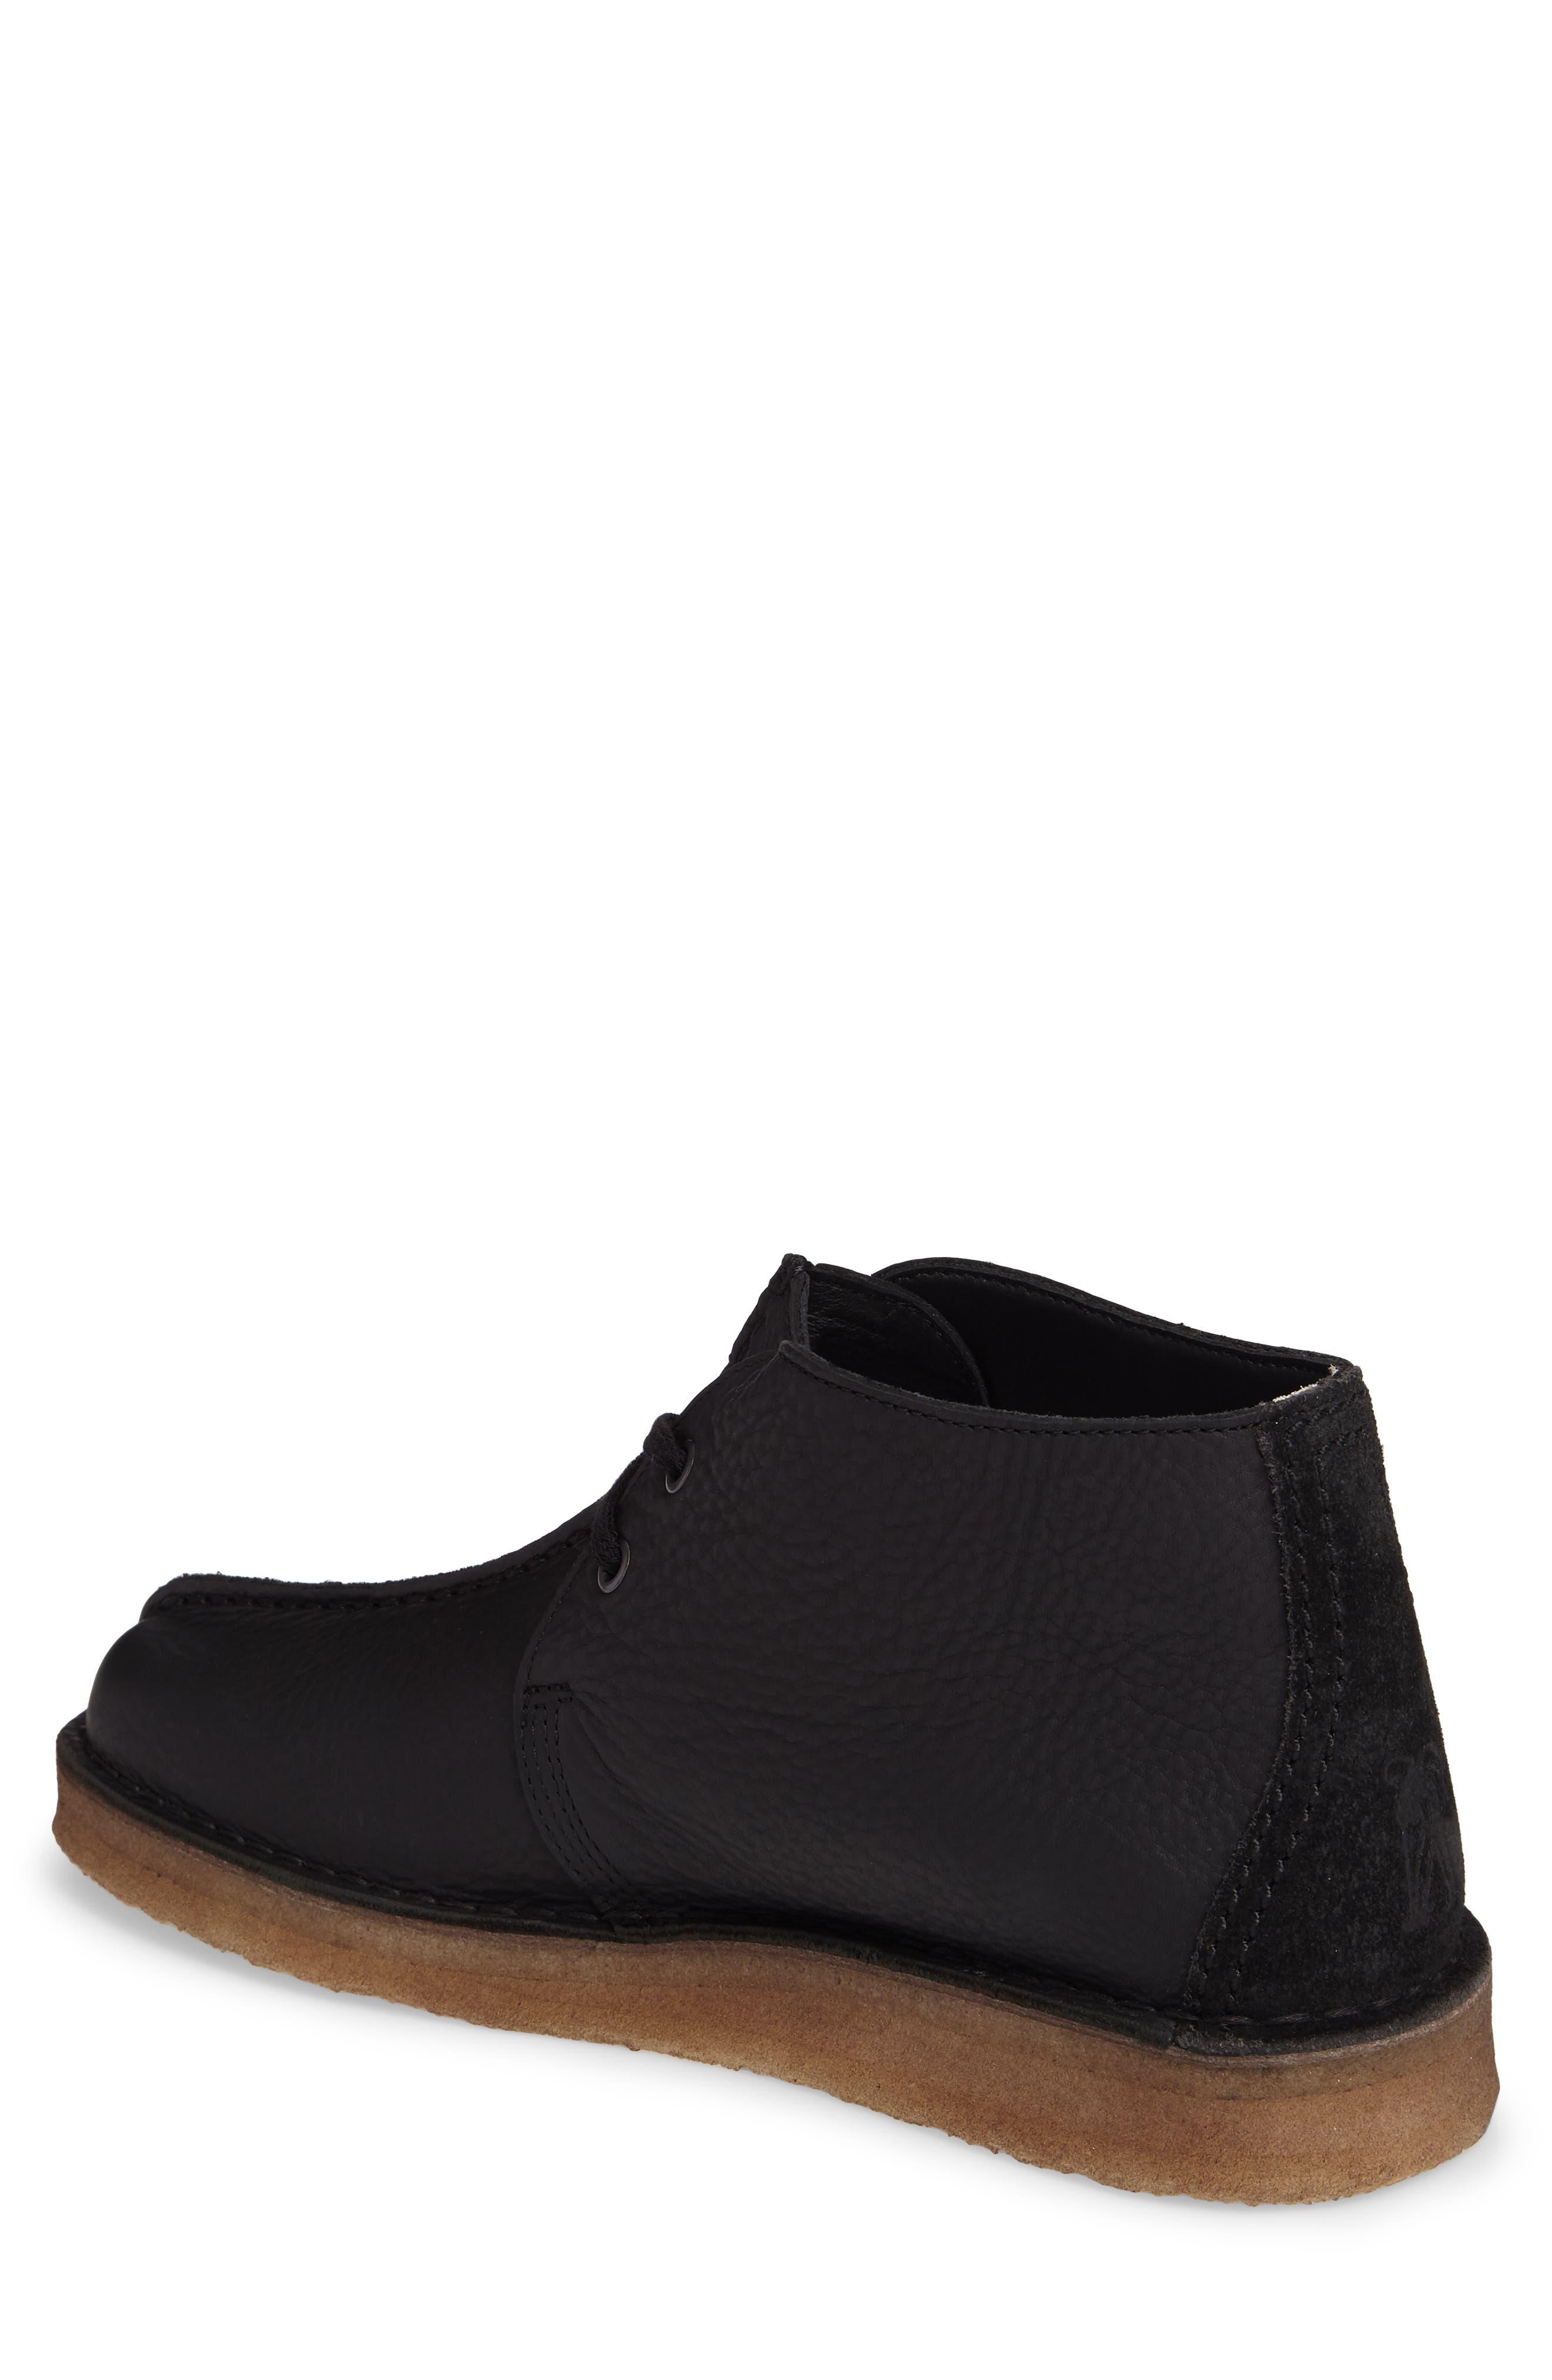 Clarks Desert Trek Leather Boot,                             Alternate thumbnail 2, color,                             Black Leather